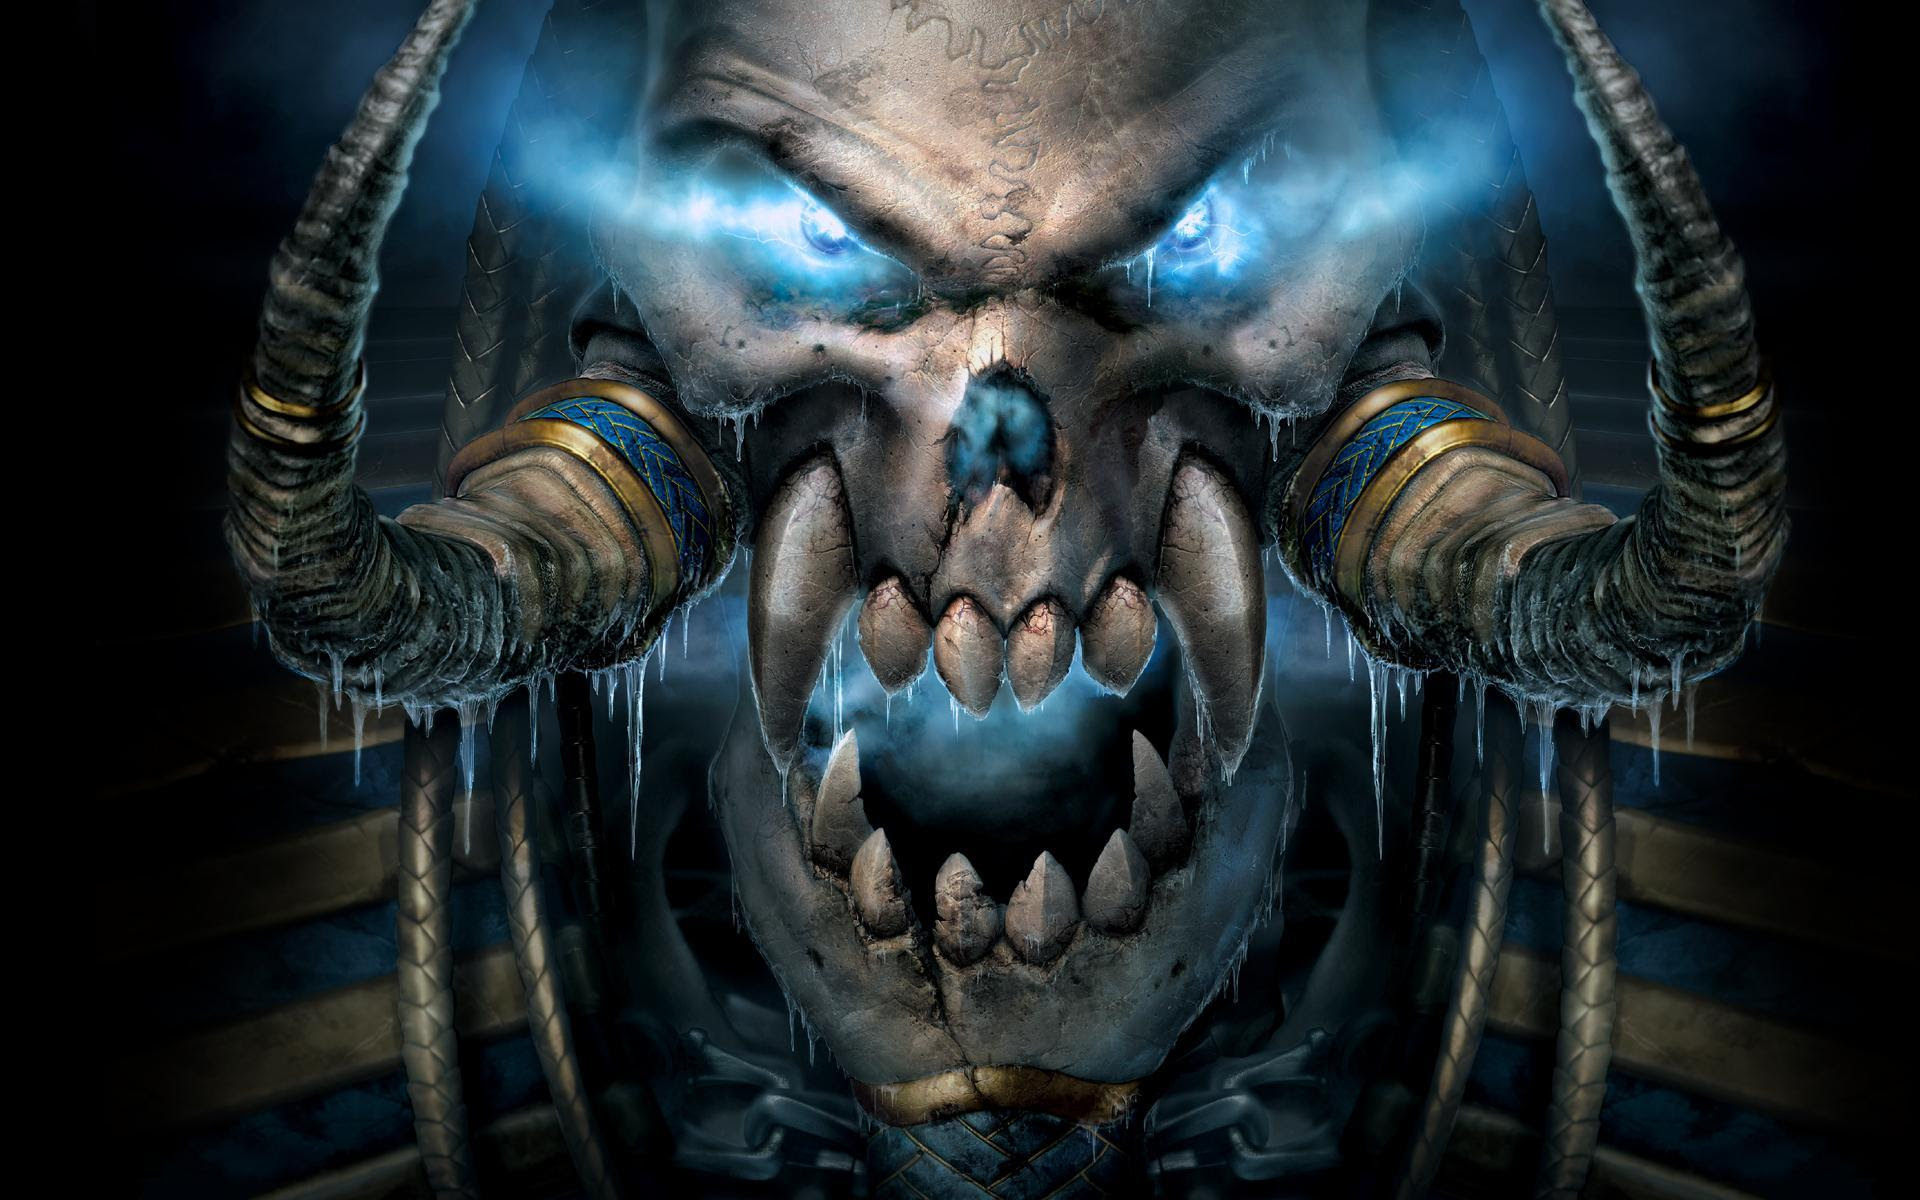 Wallpaper Warcraft Tengkorak Mata Energi Gigi Hd Layar Lebar